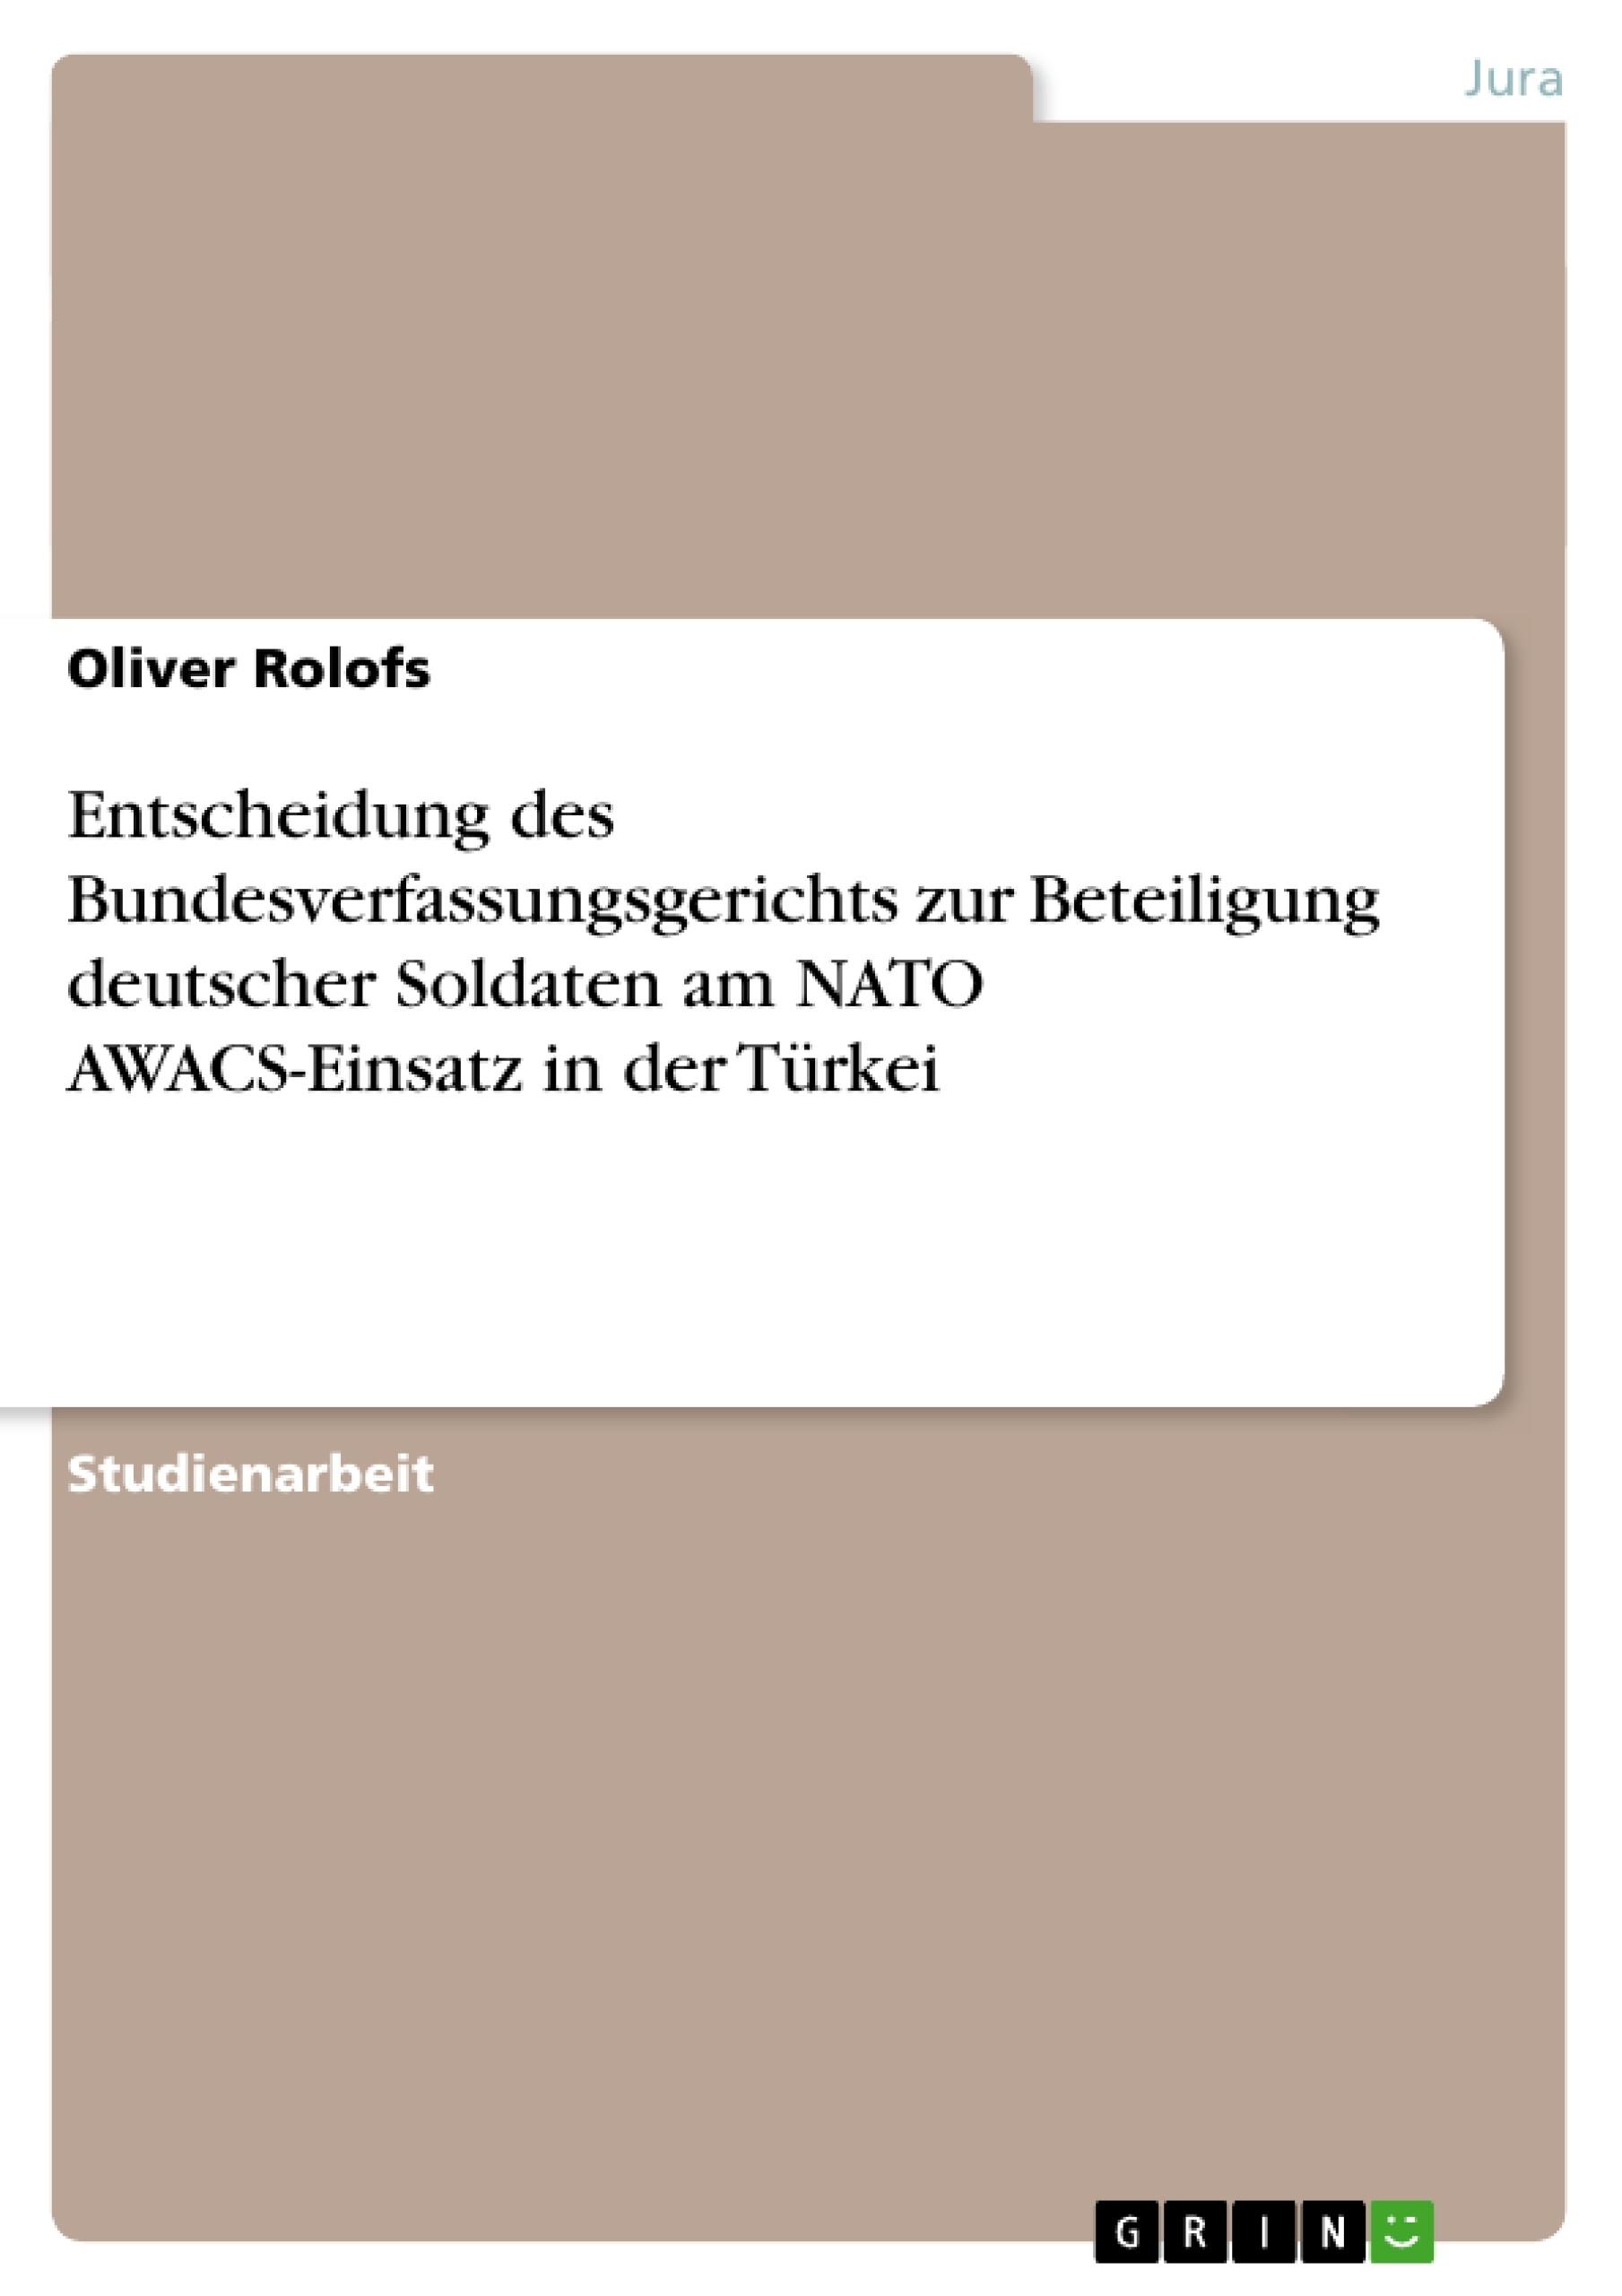 Titel: Entscheidung des Bundesverfassungsgerichts zur Beteiligung deutscher Soldaten am NATO AWACS-Einsatz in der Türkei